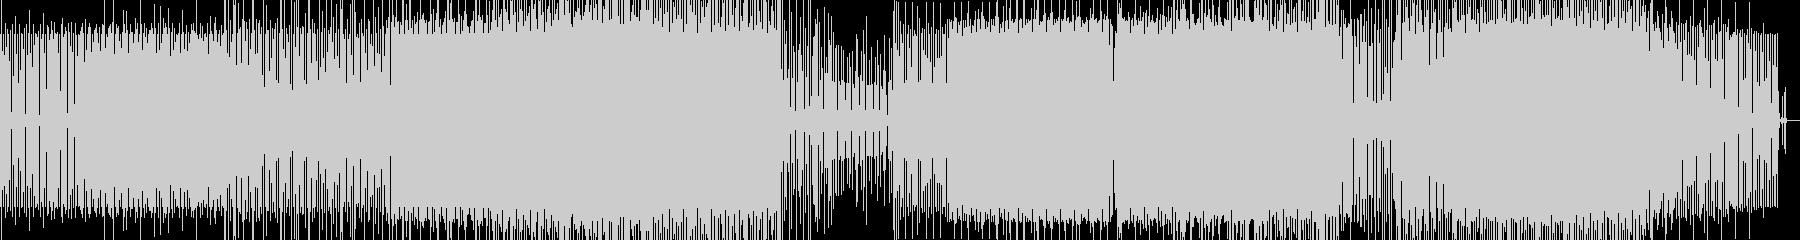 ミニマルなハウスの未再生の波形